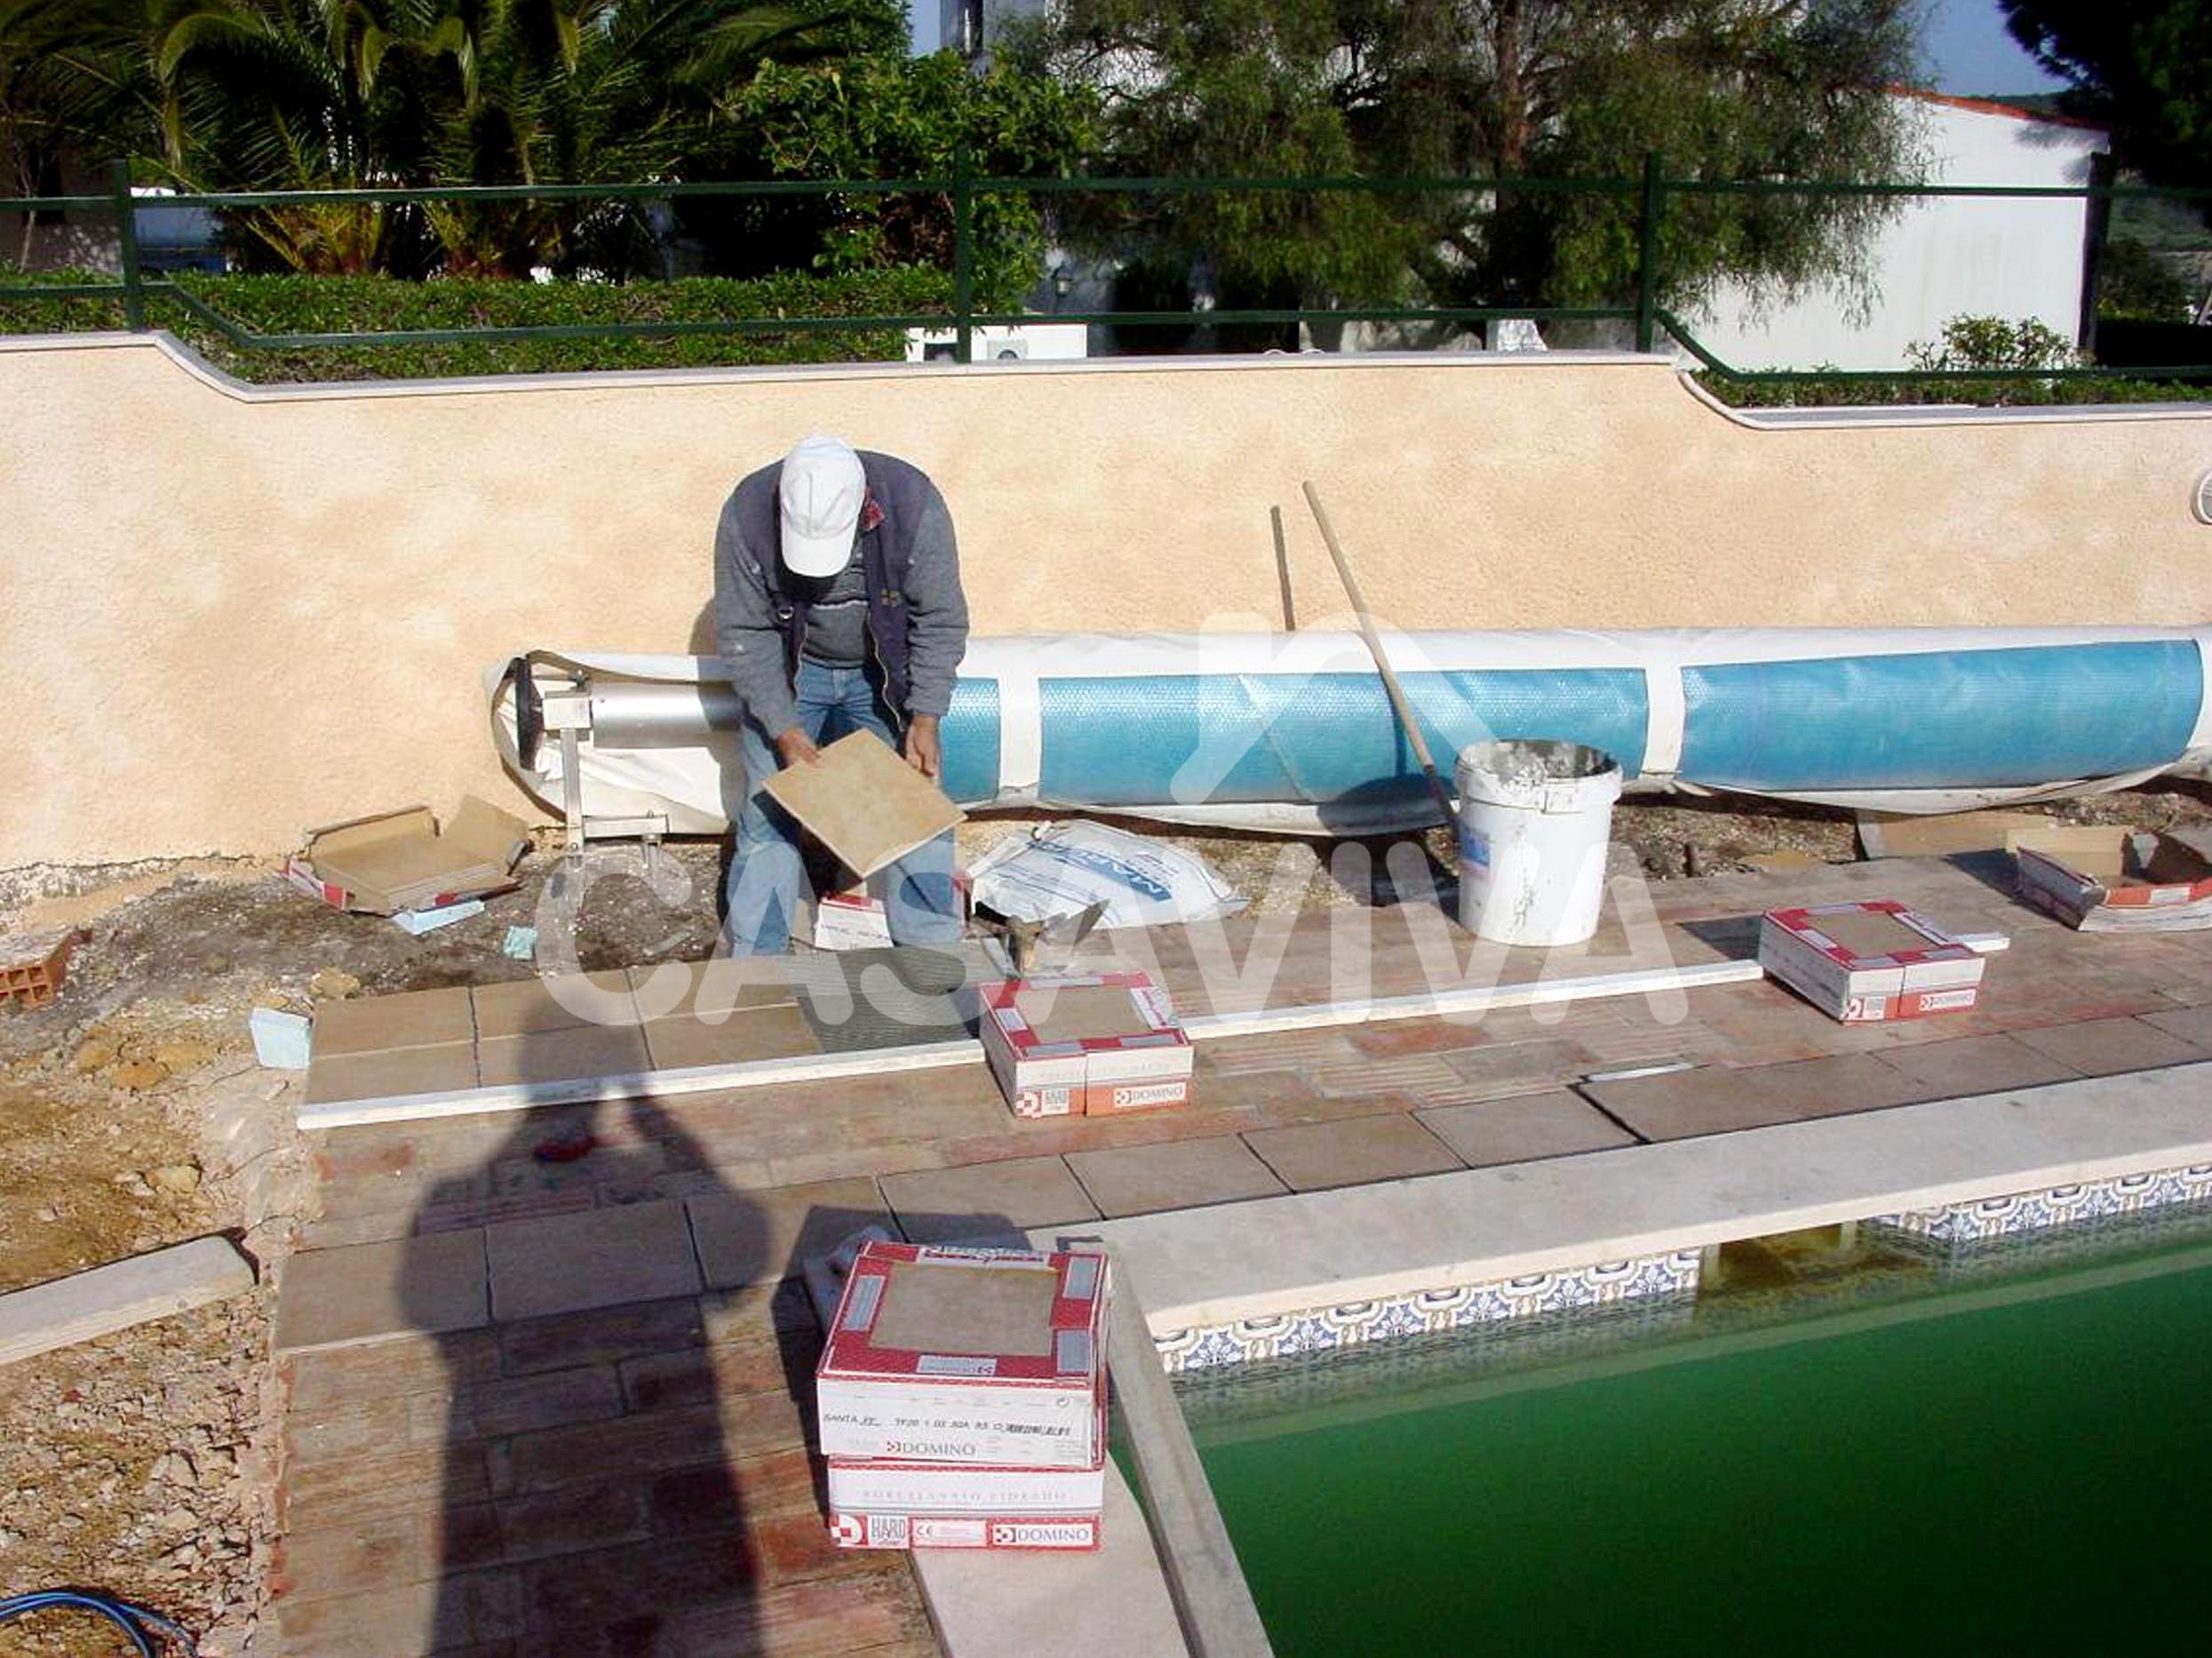 Aplicação de novo revestimento de pavimento na envolvente da piscina.